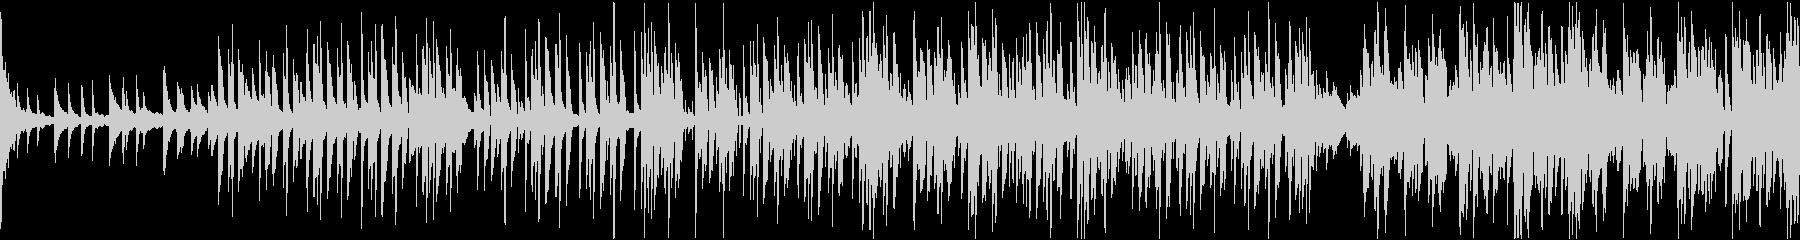 幻想的な電子音(フューチャーベース)の未再生の波形